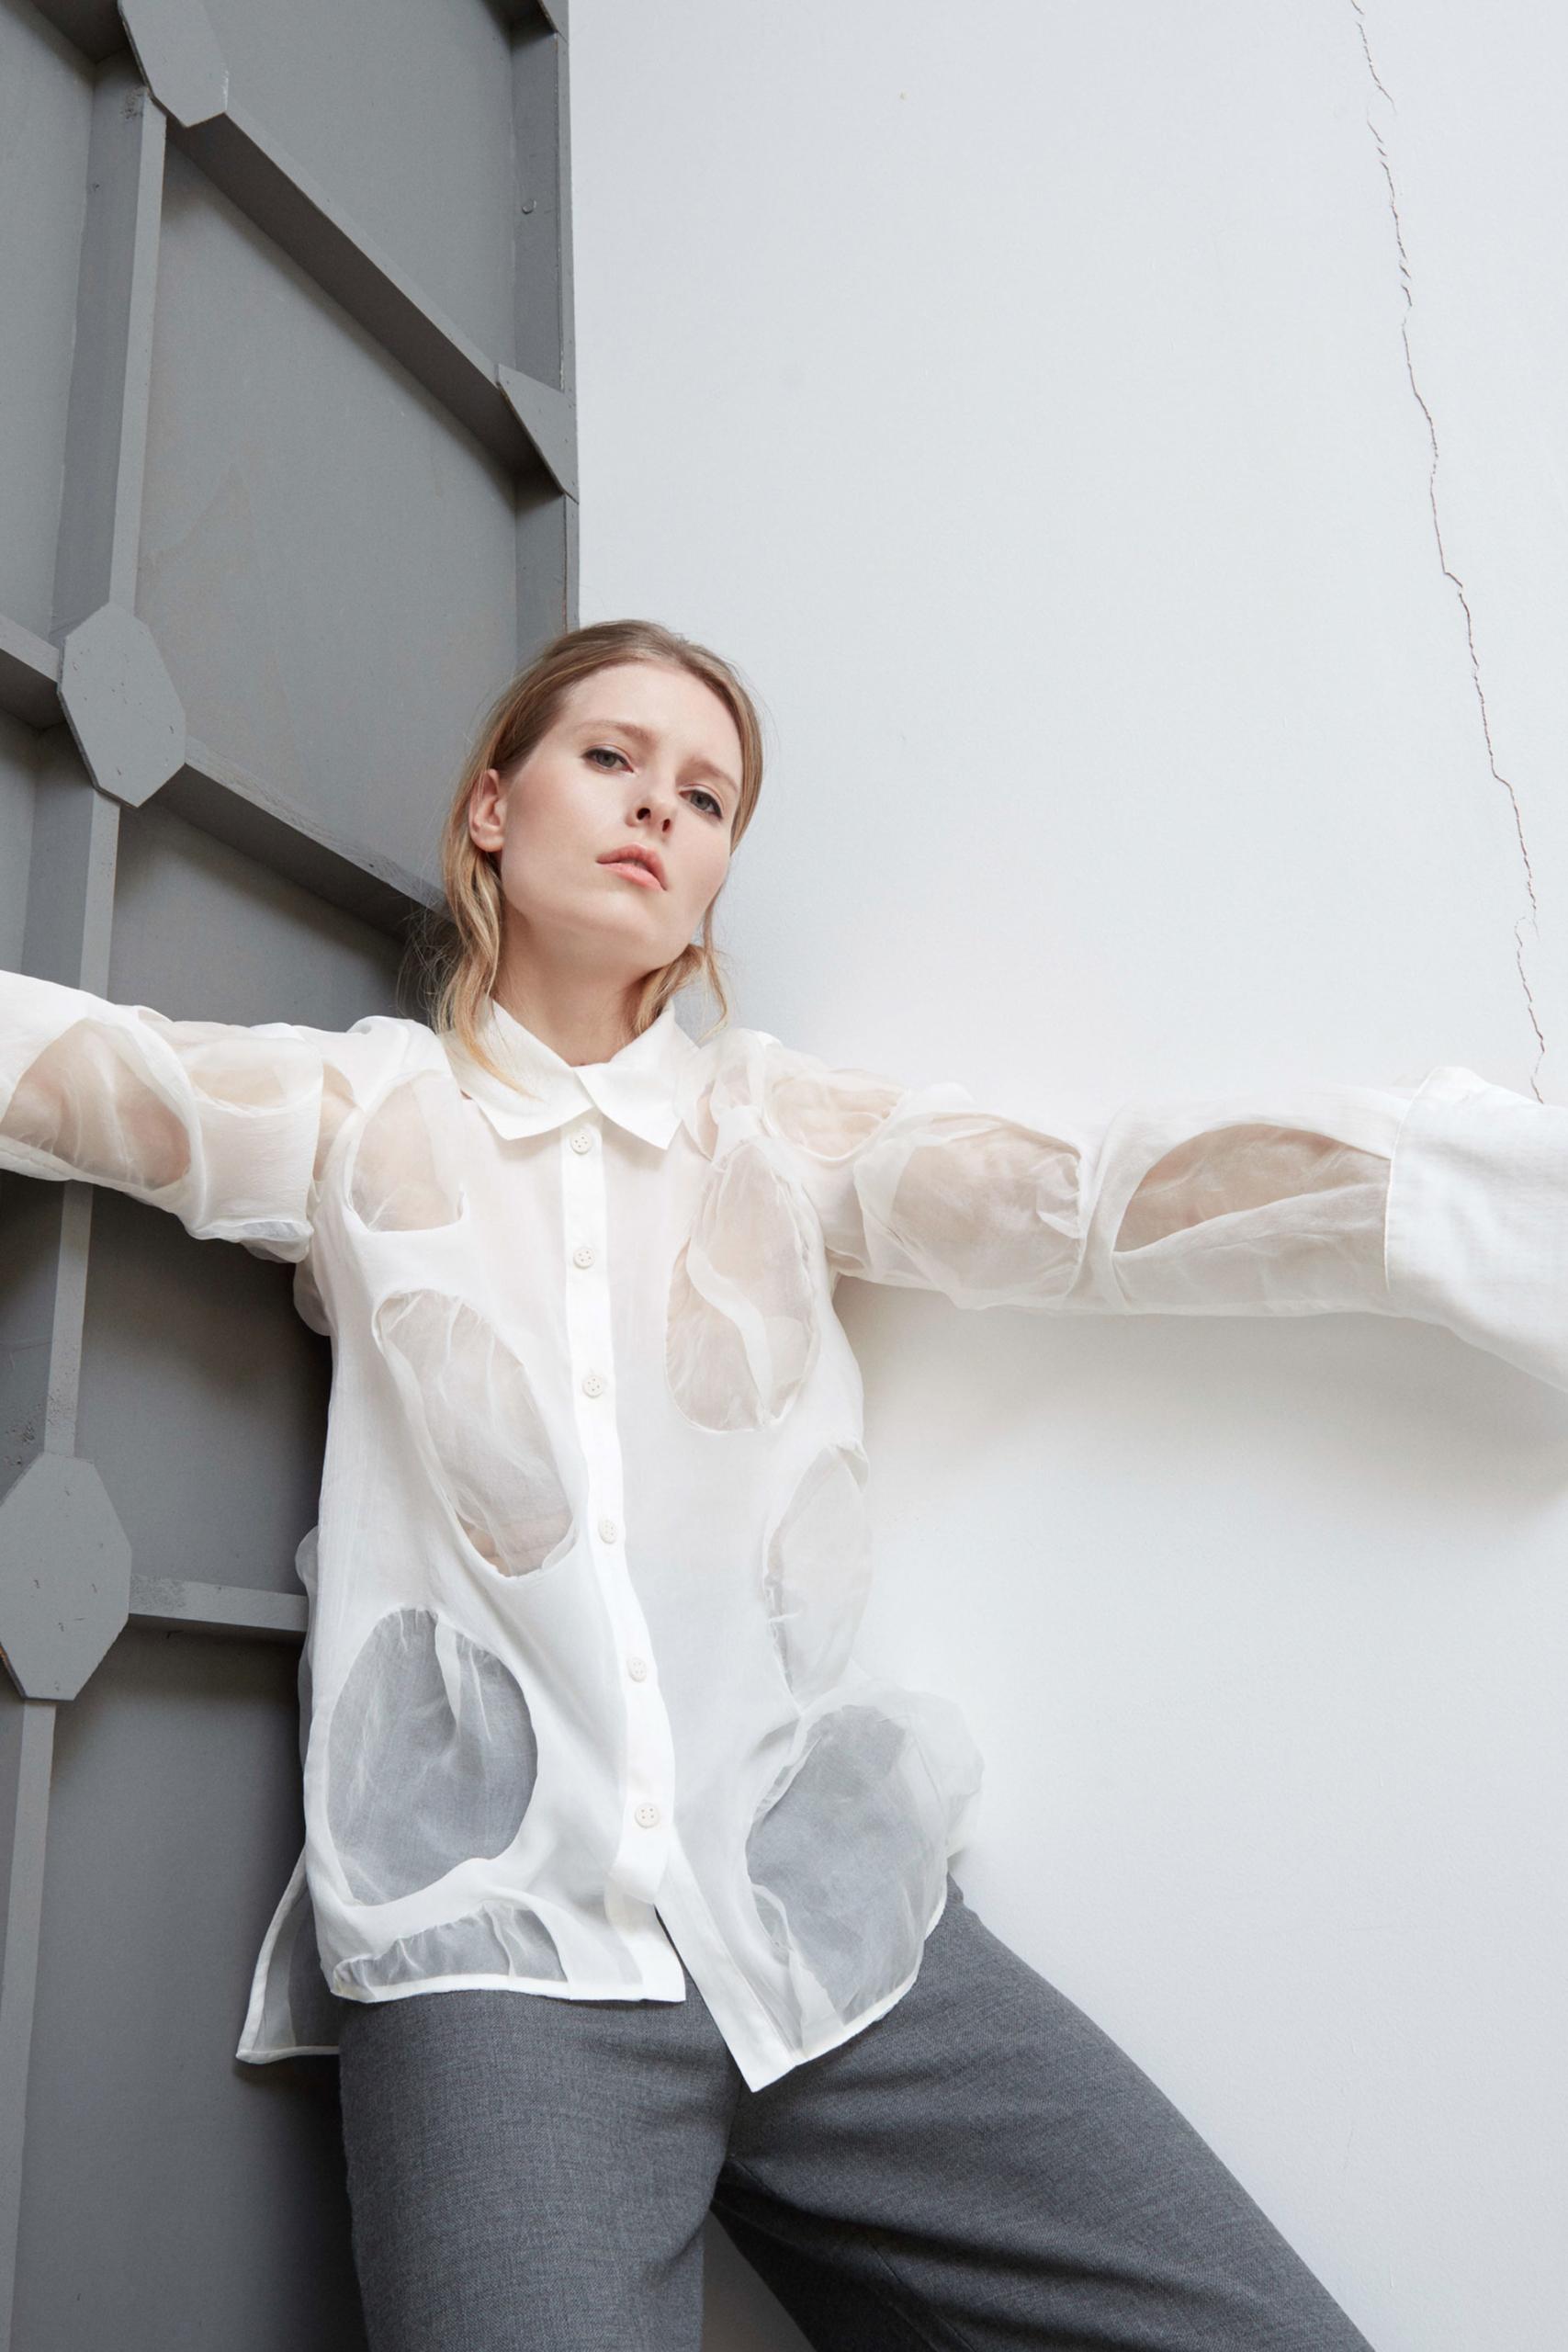 Bav-Tailor-camicia-bianca-cerchi